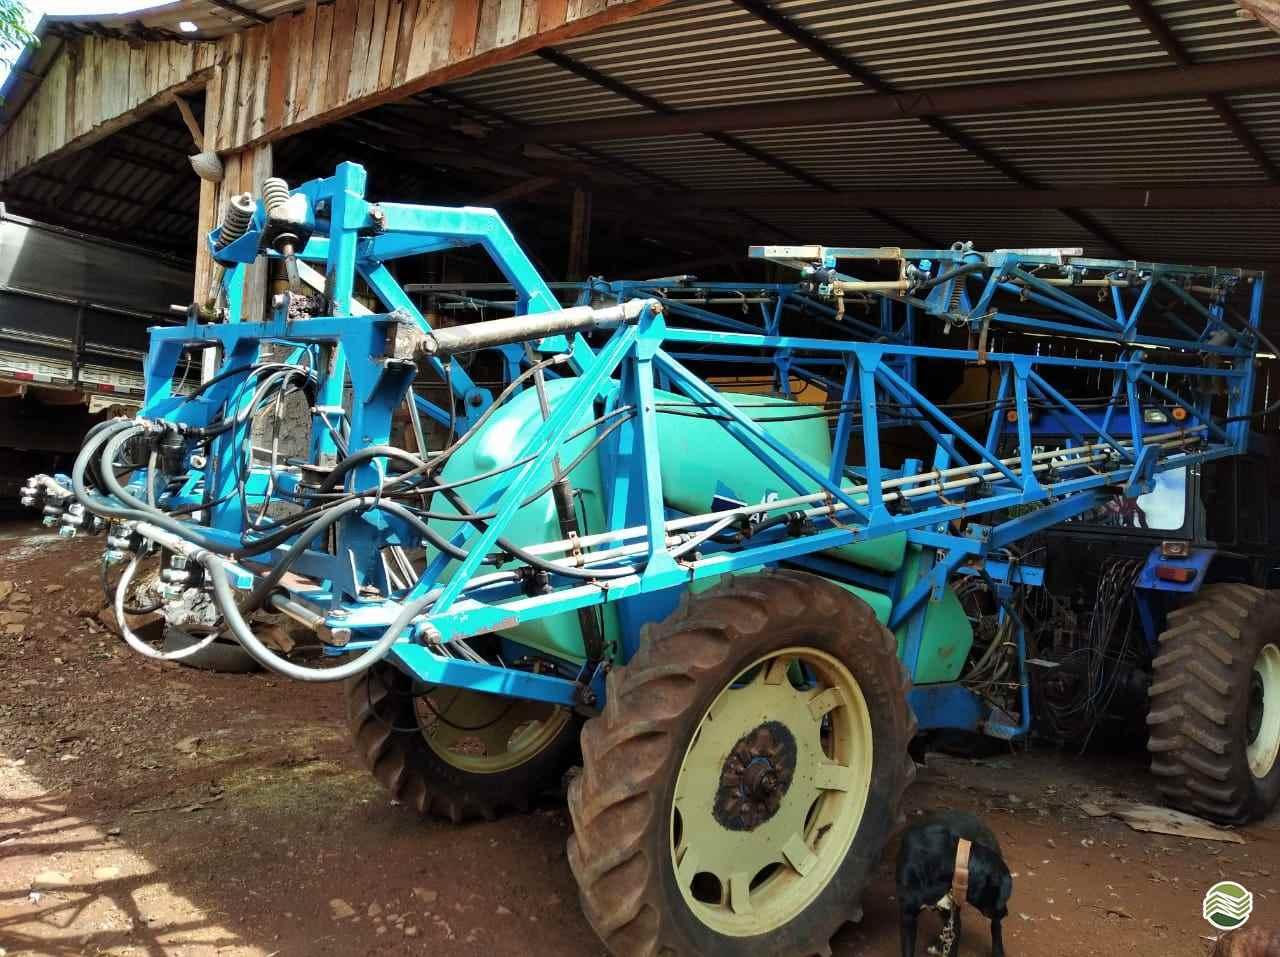 PULVERIZADOR MONTANA ECORANGER 2000 Arrasto Terral Máquinas e Peças Agrícolas CASCAVEL PARANÁ PR